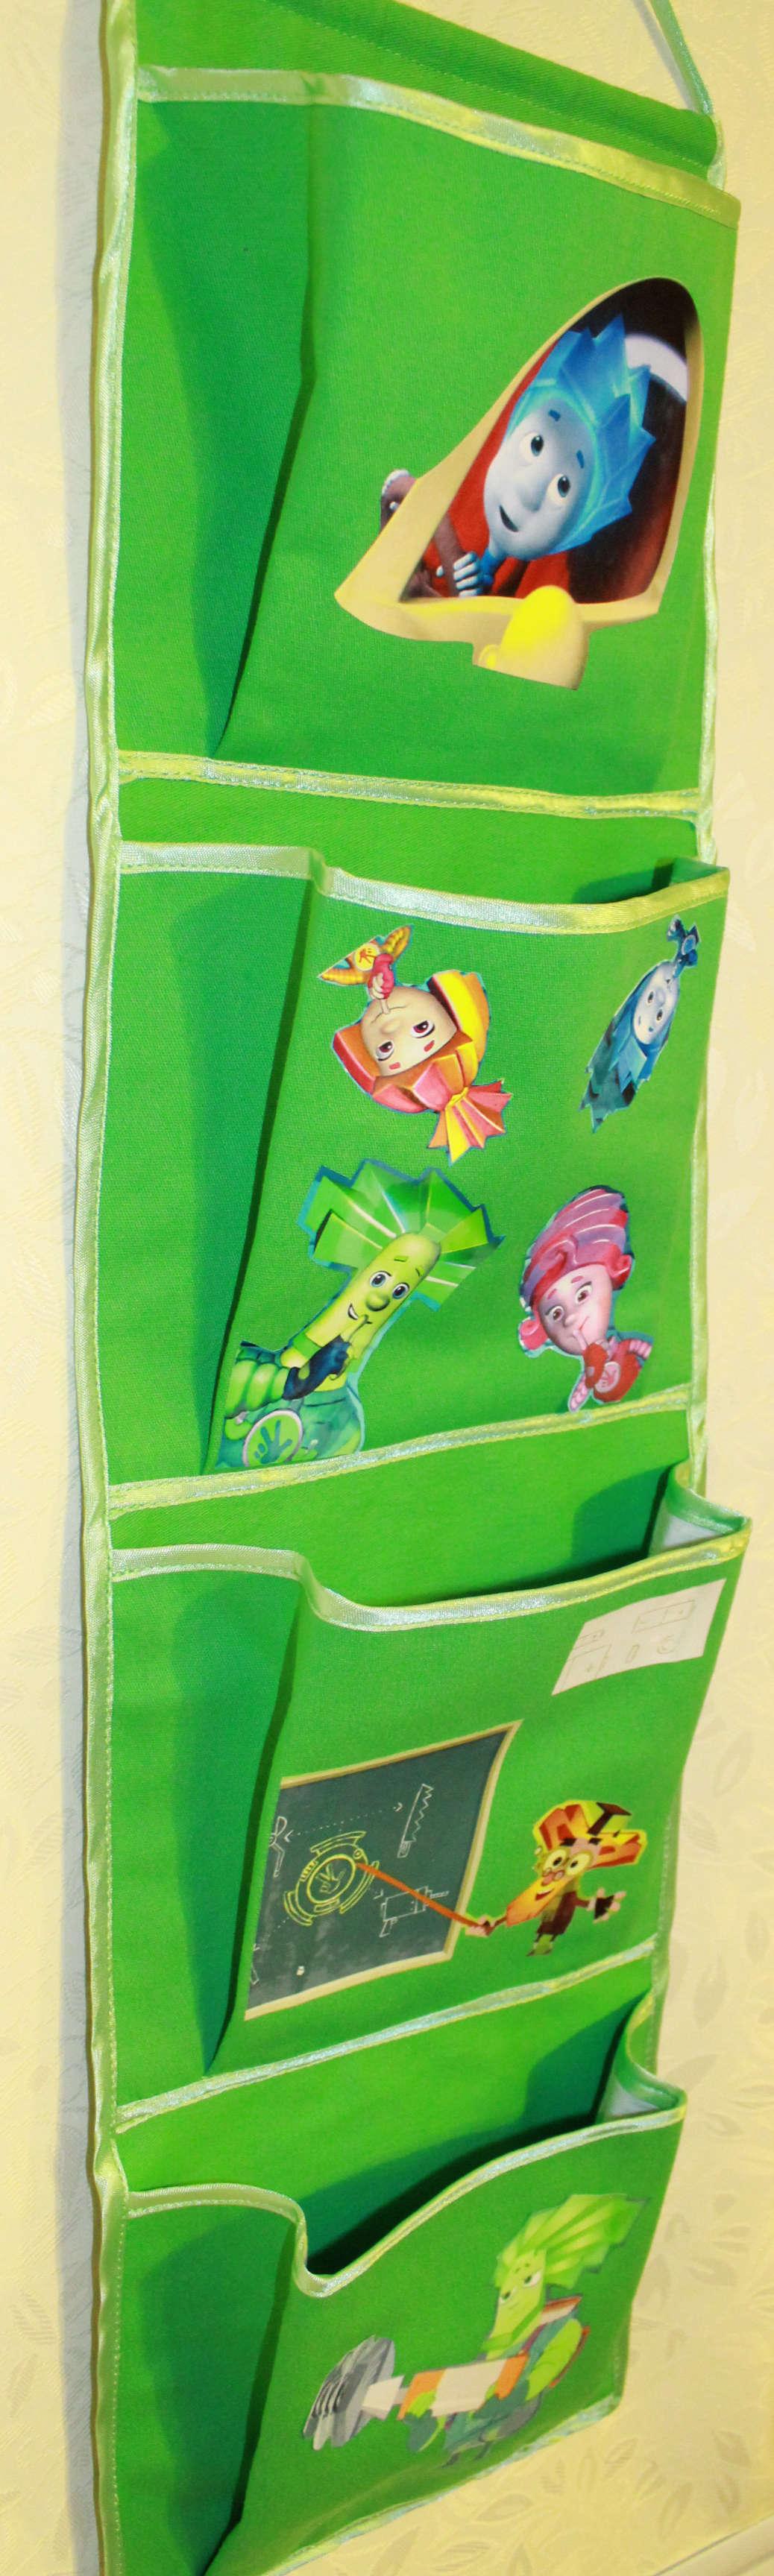 Кармашек на шкафчик в детский сад своими руками